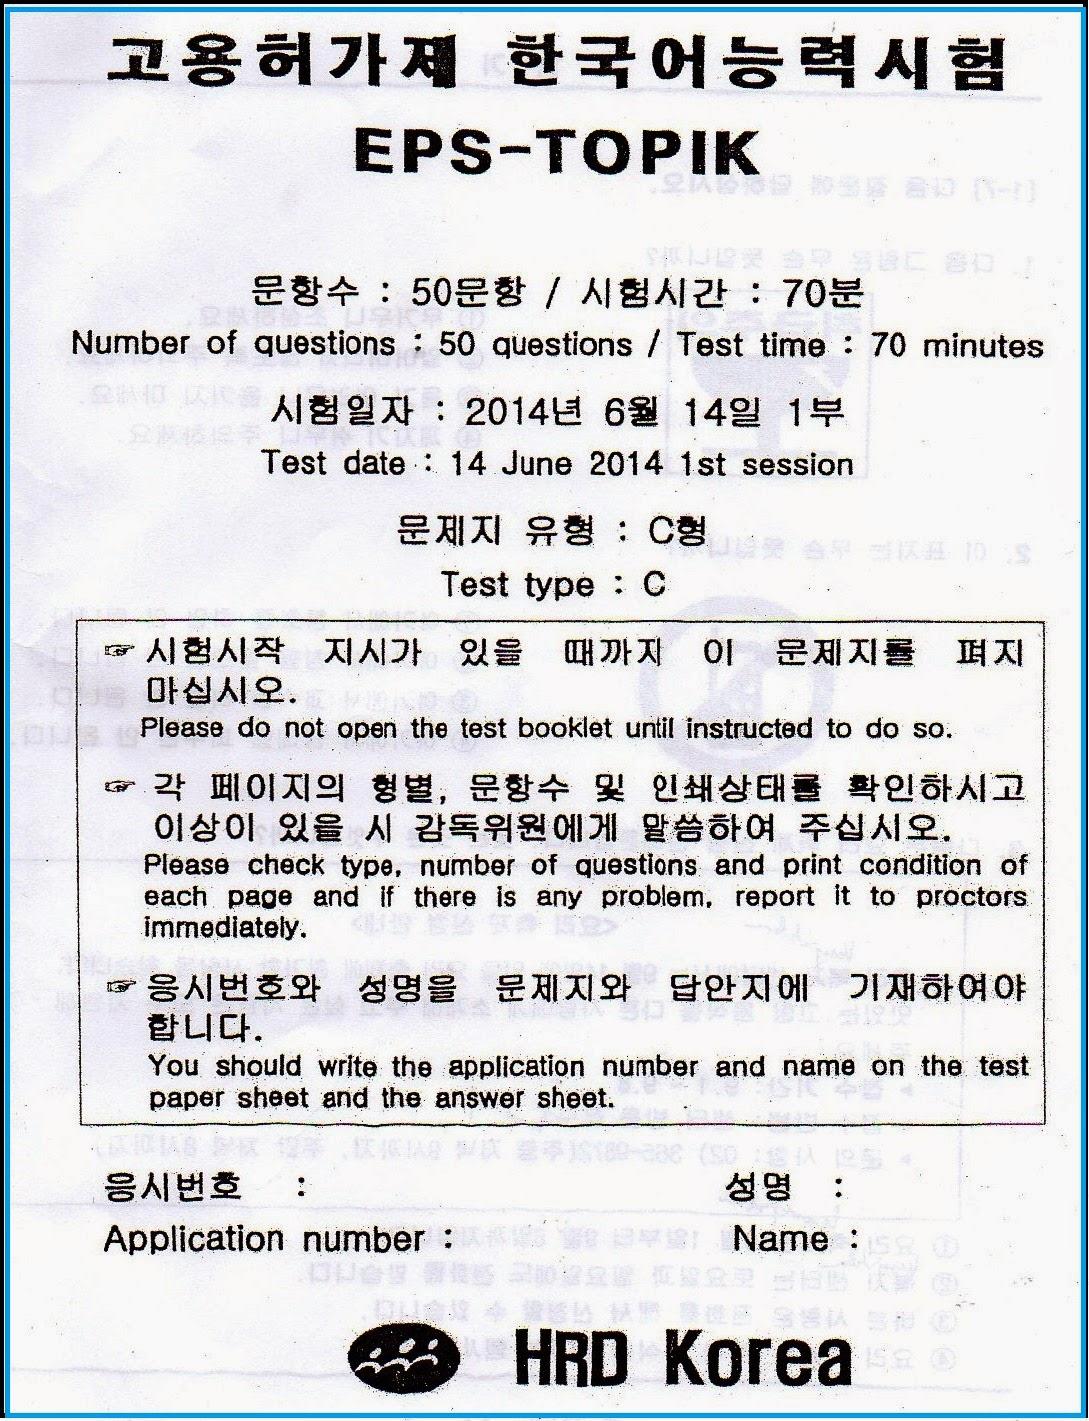 Soal Ujian Bahasa Korea Eps Topik Sesi 1 Tanggal 14 Juni 2014 Dan Analisa Solusi